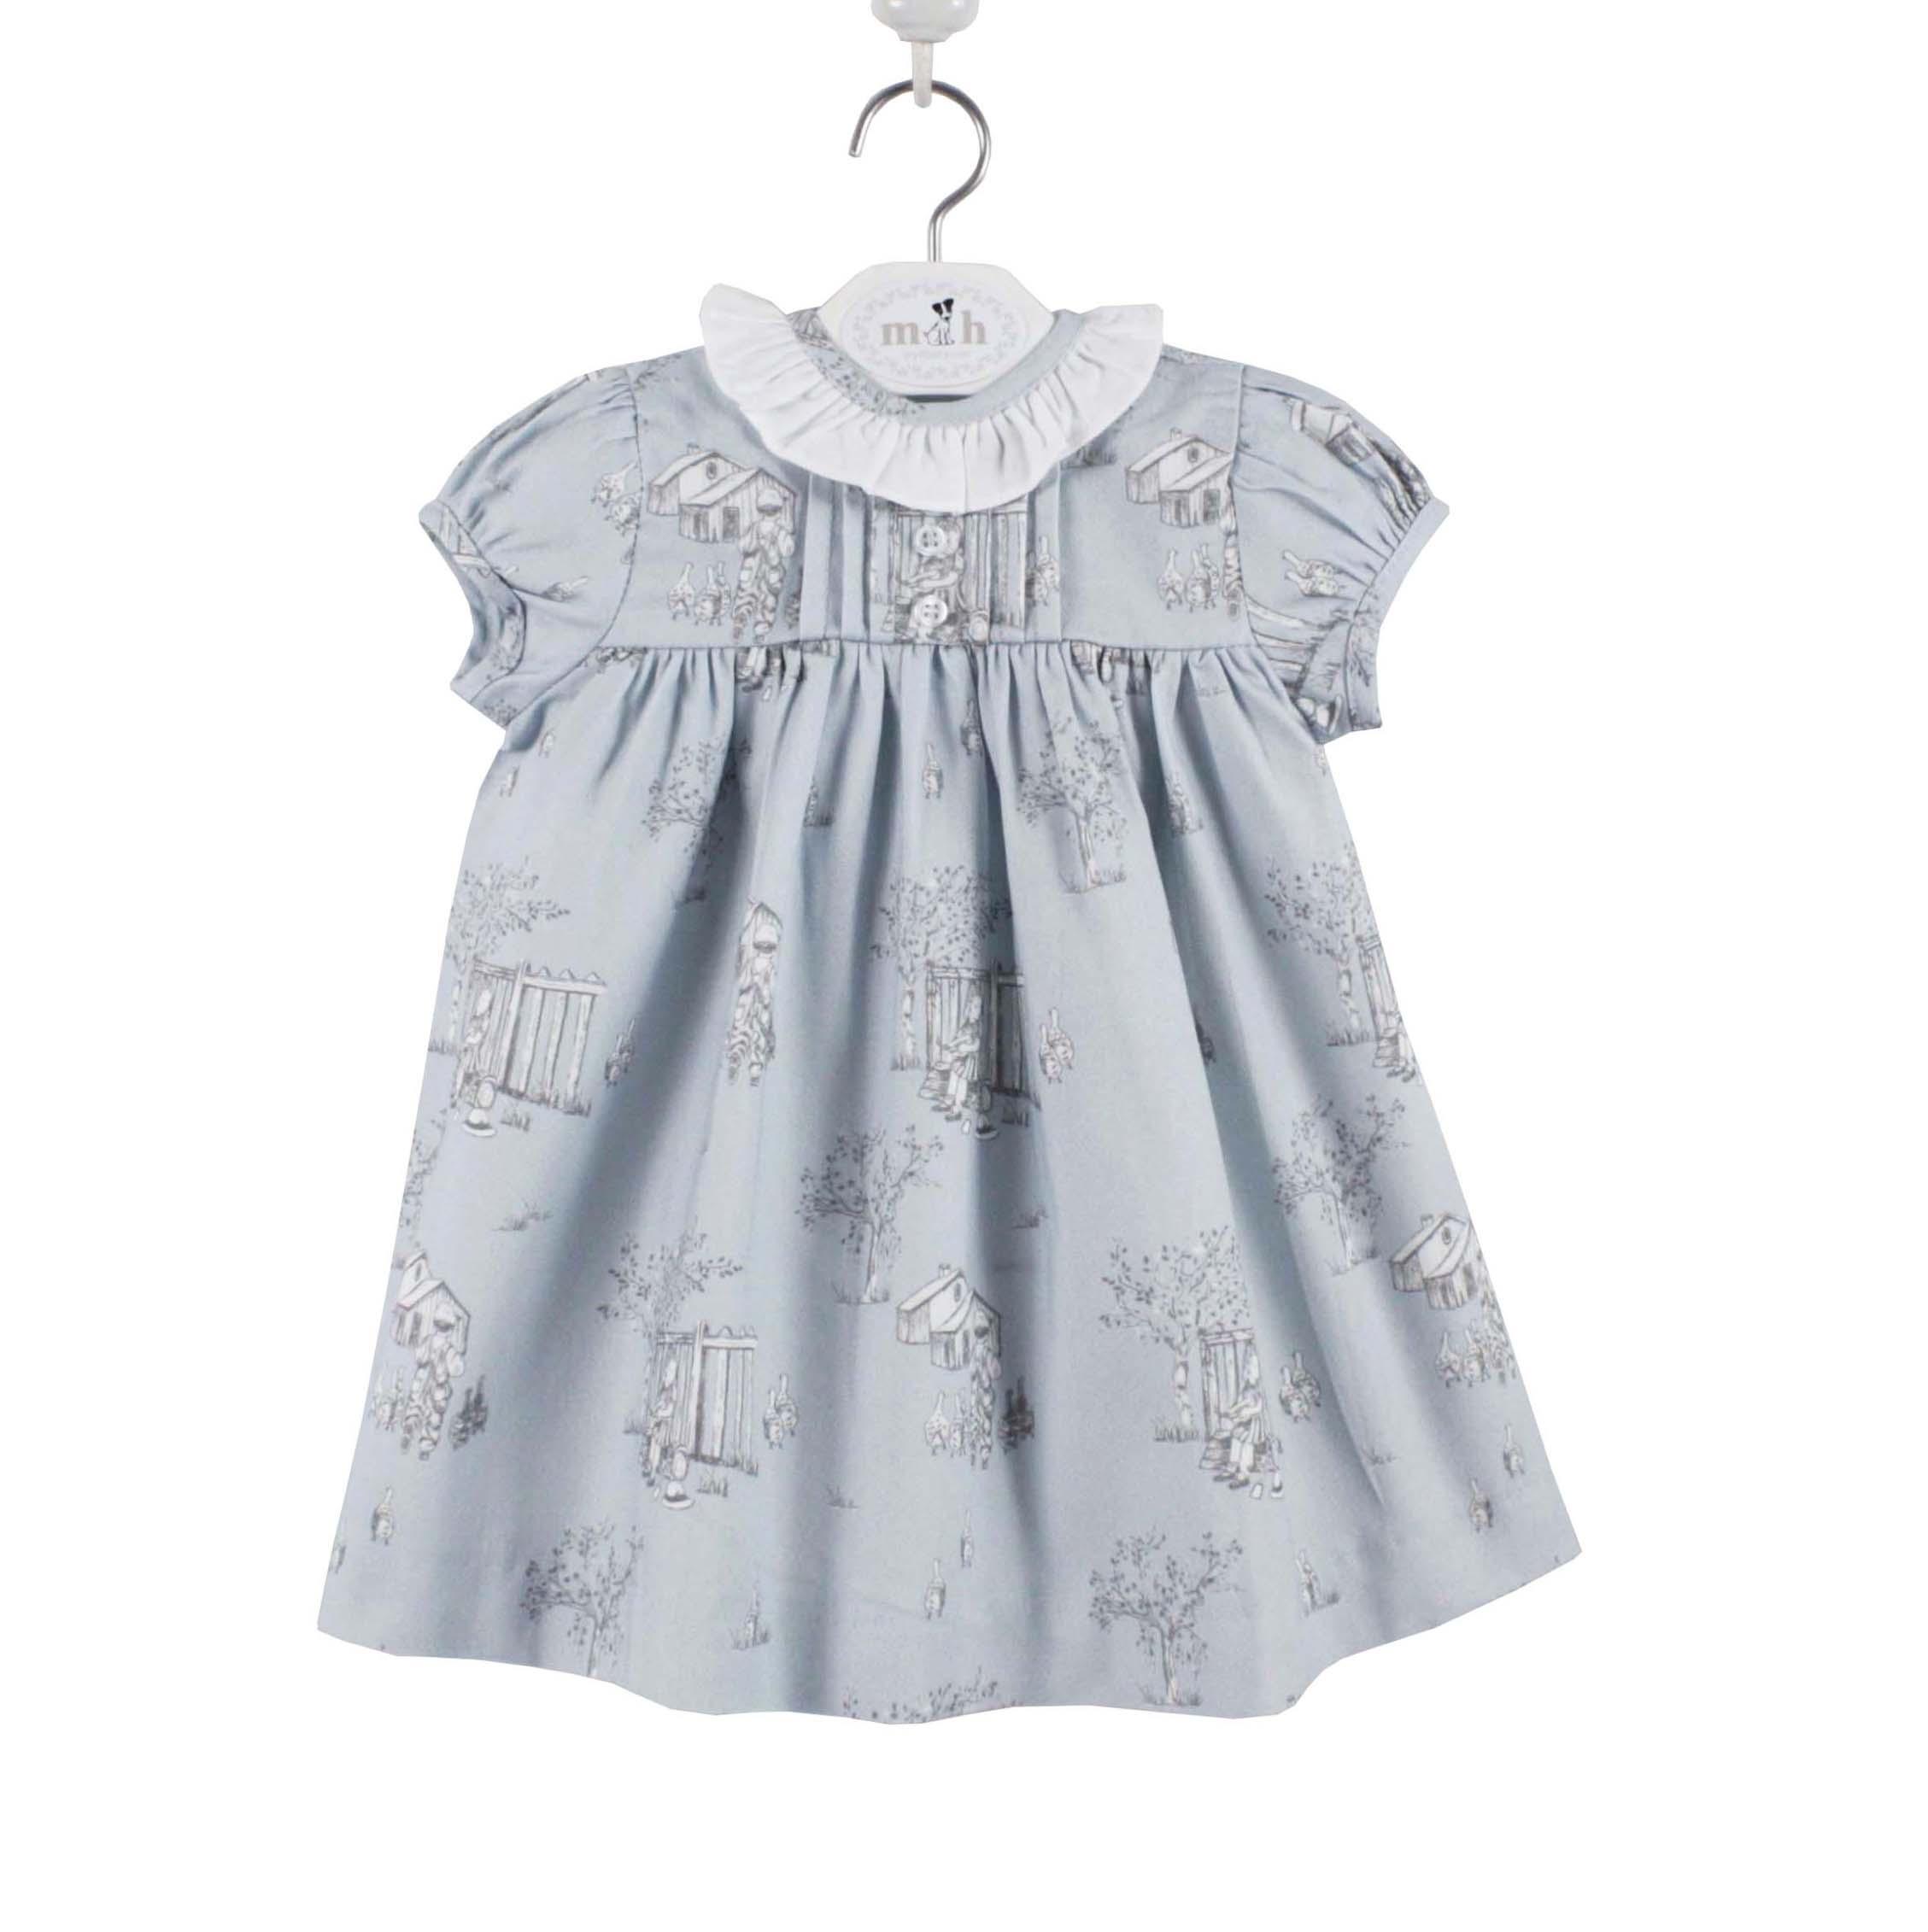 b7399676559e Toddler girl dress blue toile pattern short sleeve. Gabriela model